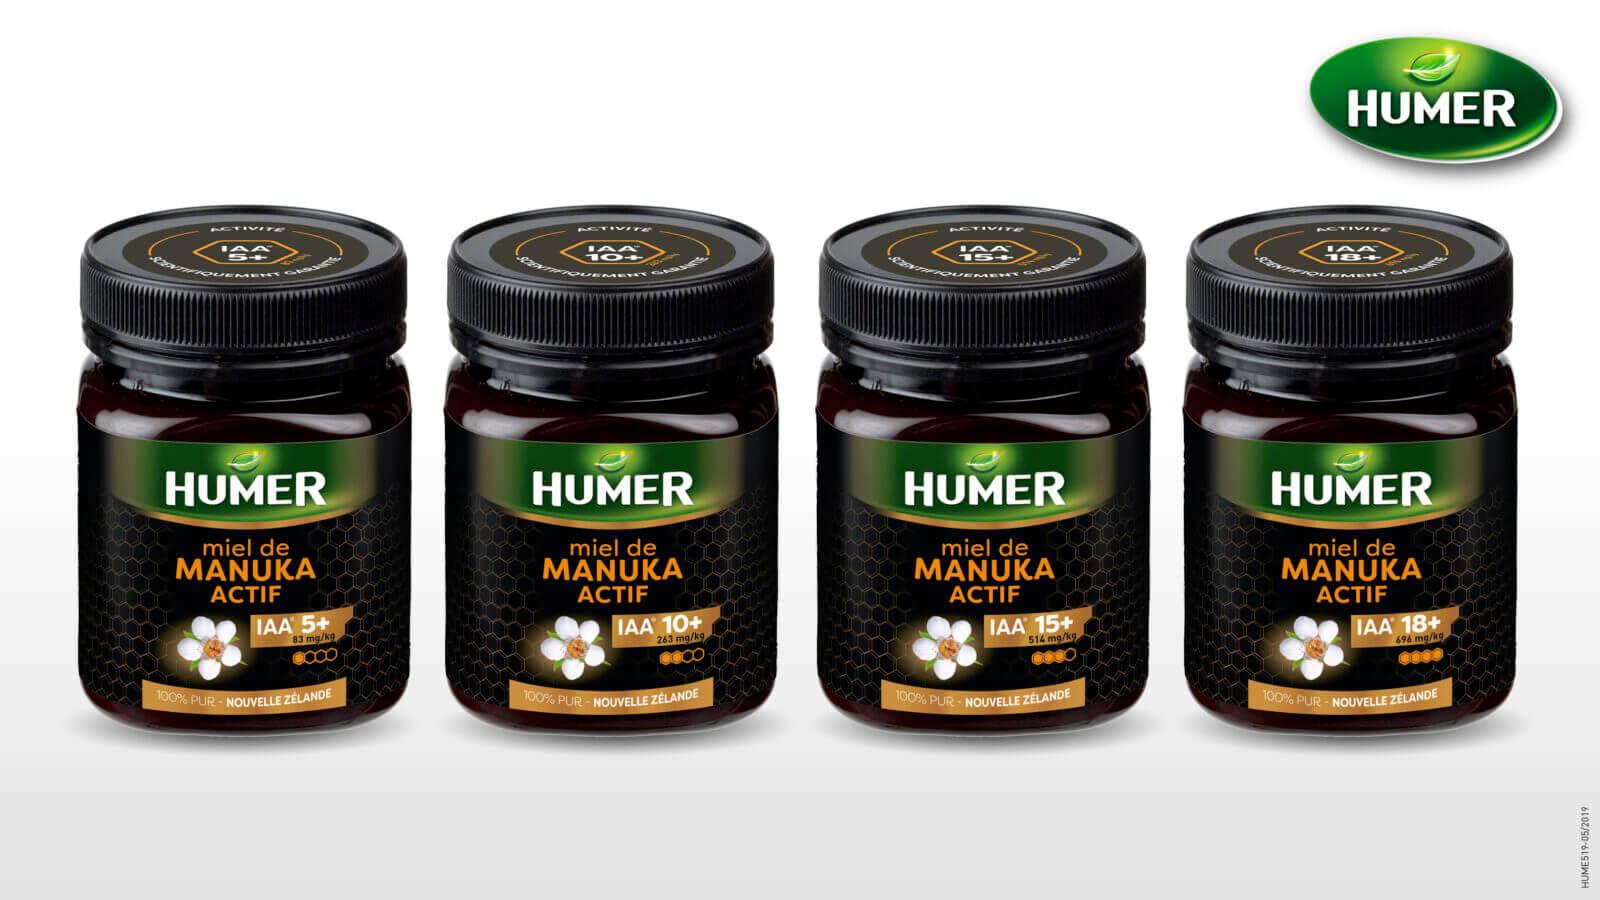 identité de pack miel de manuka